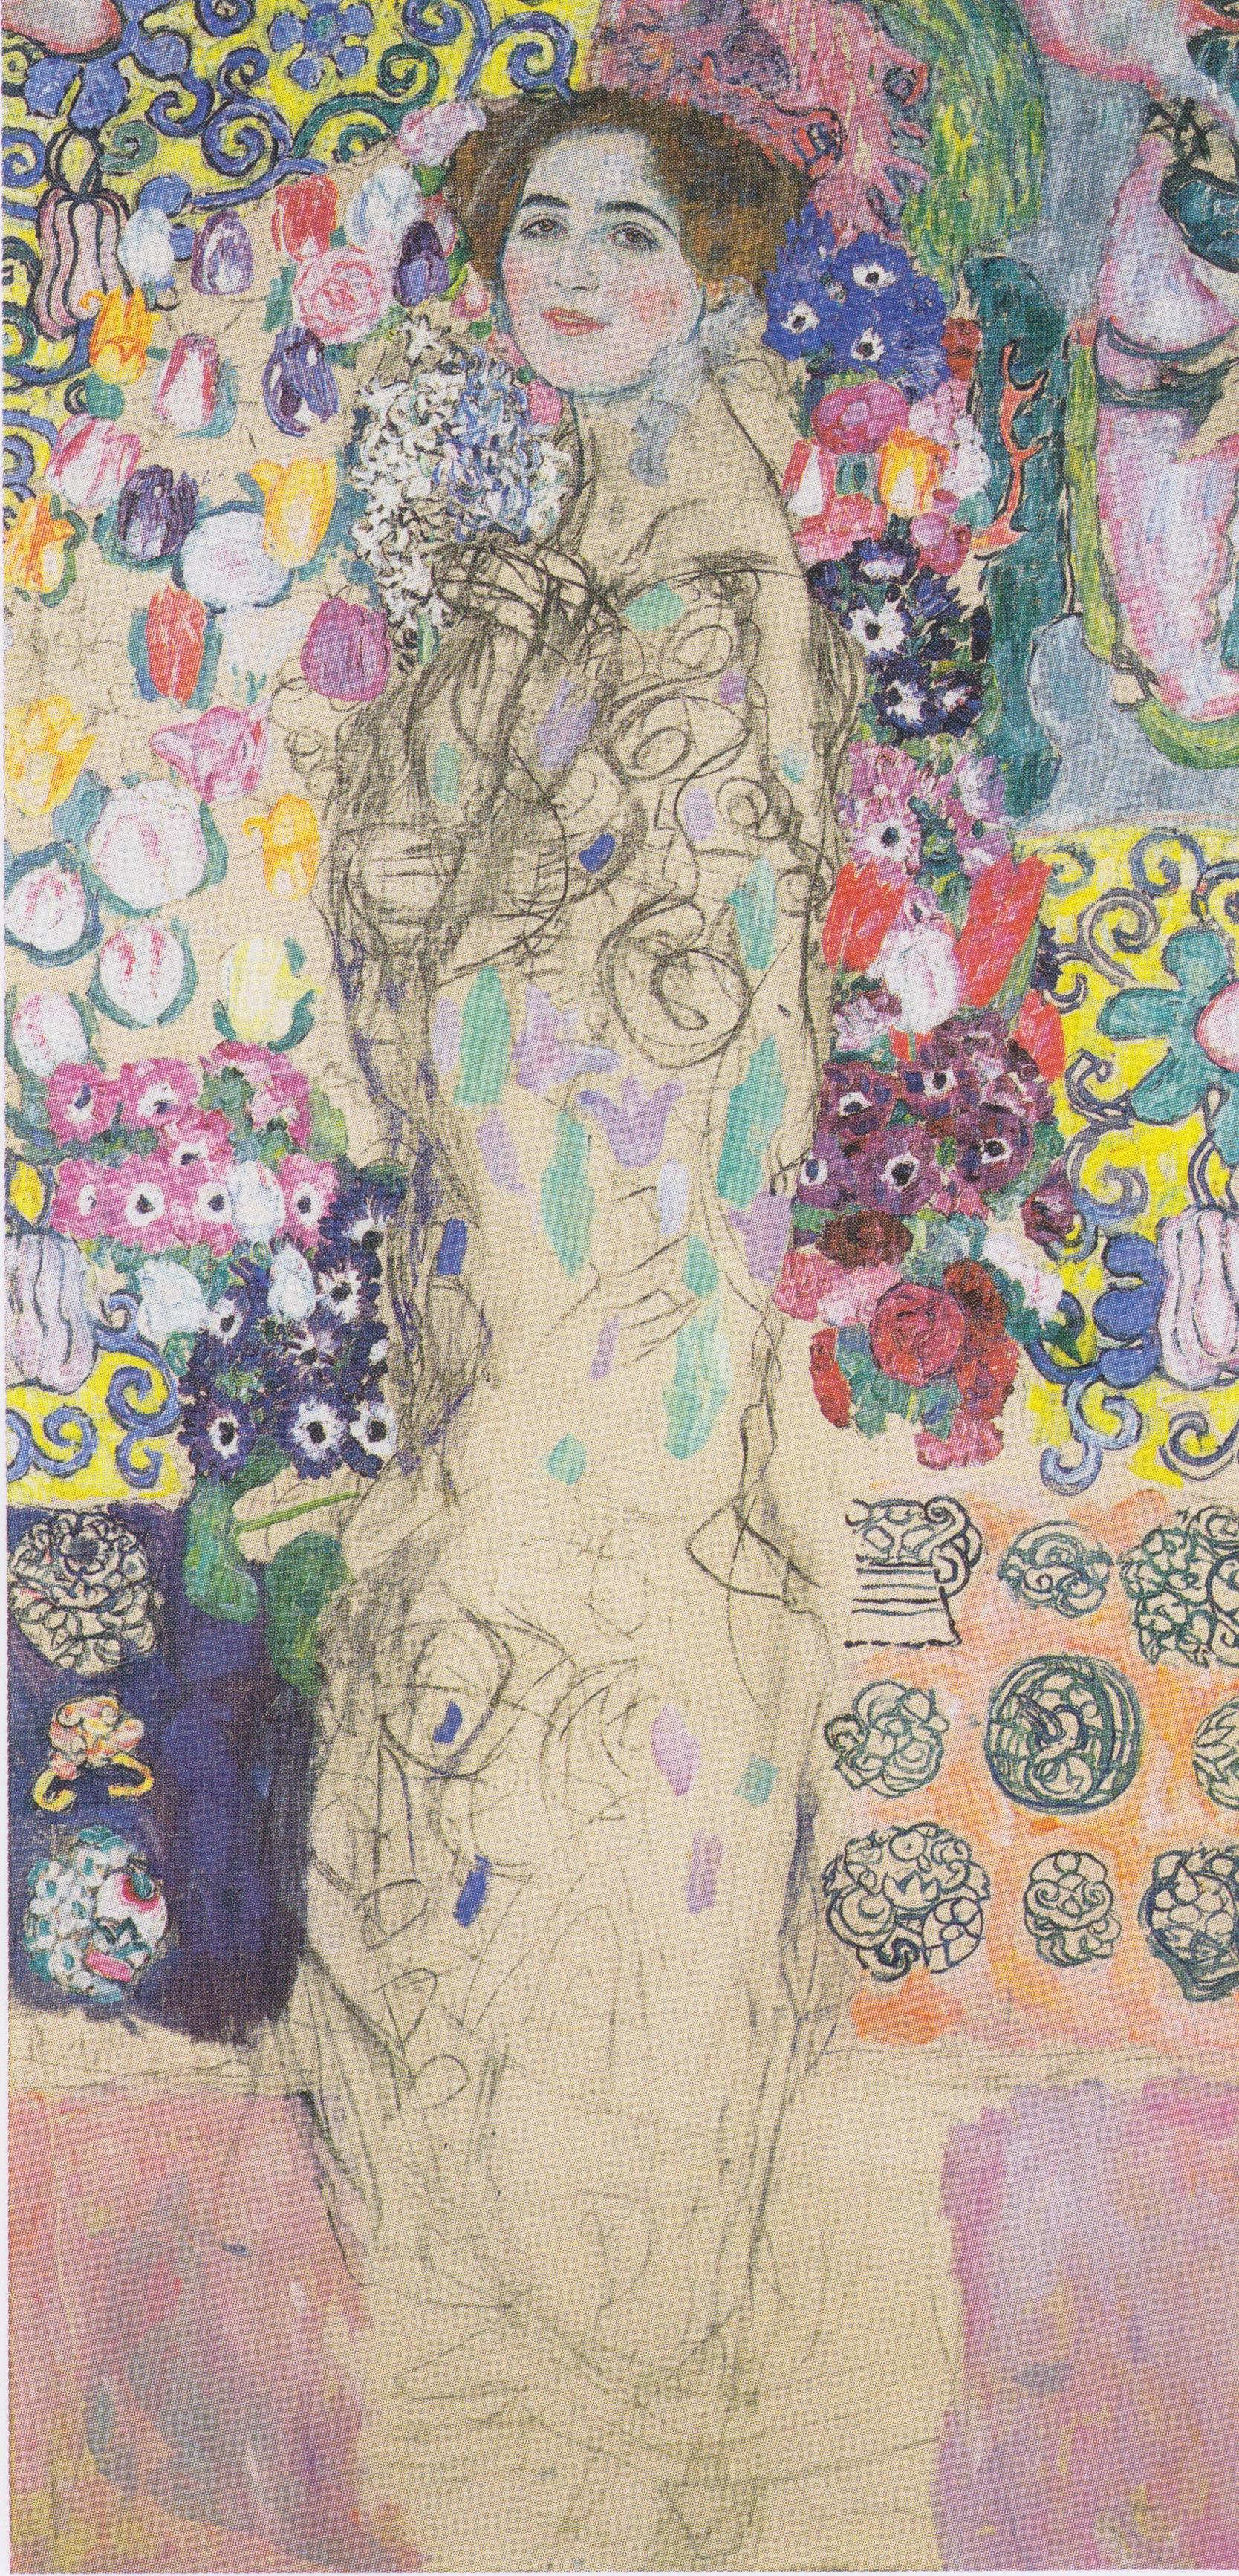 Ria Munk by Gustav Klimt, 1913-18 (Wikimedia Commons)